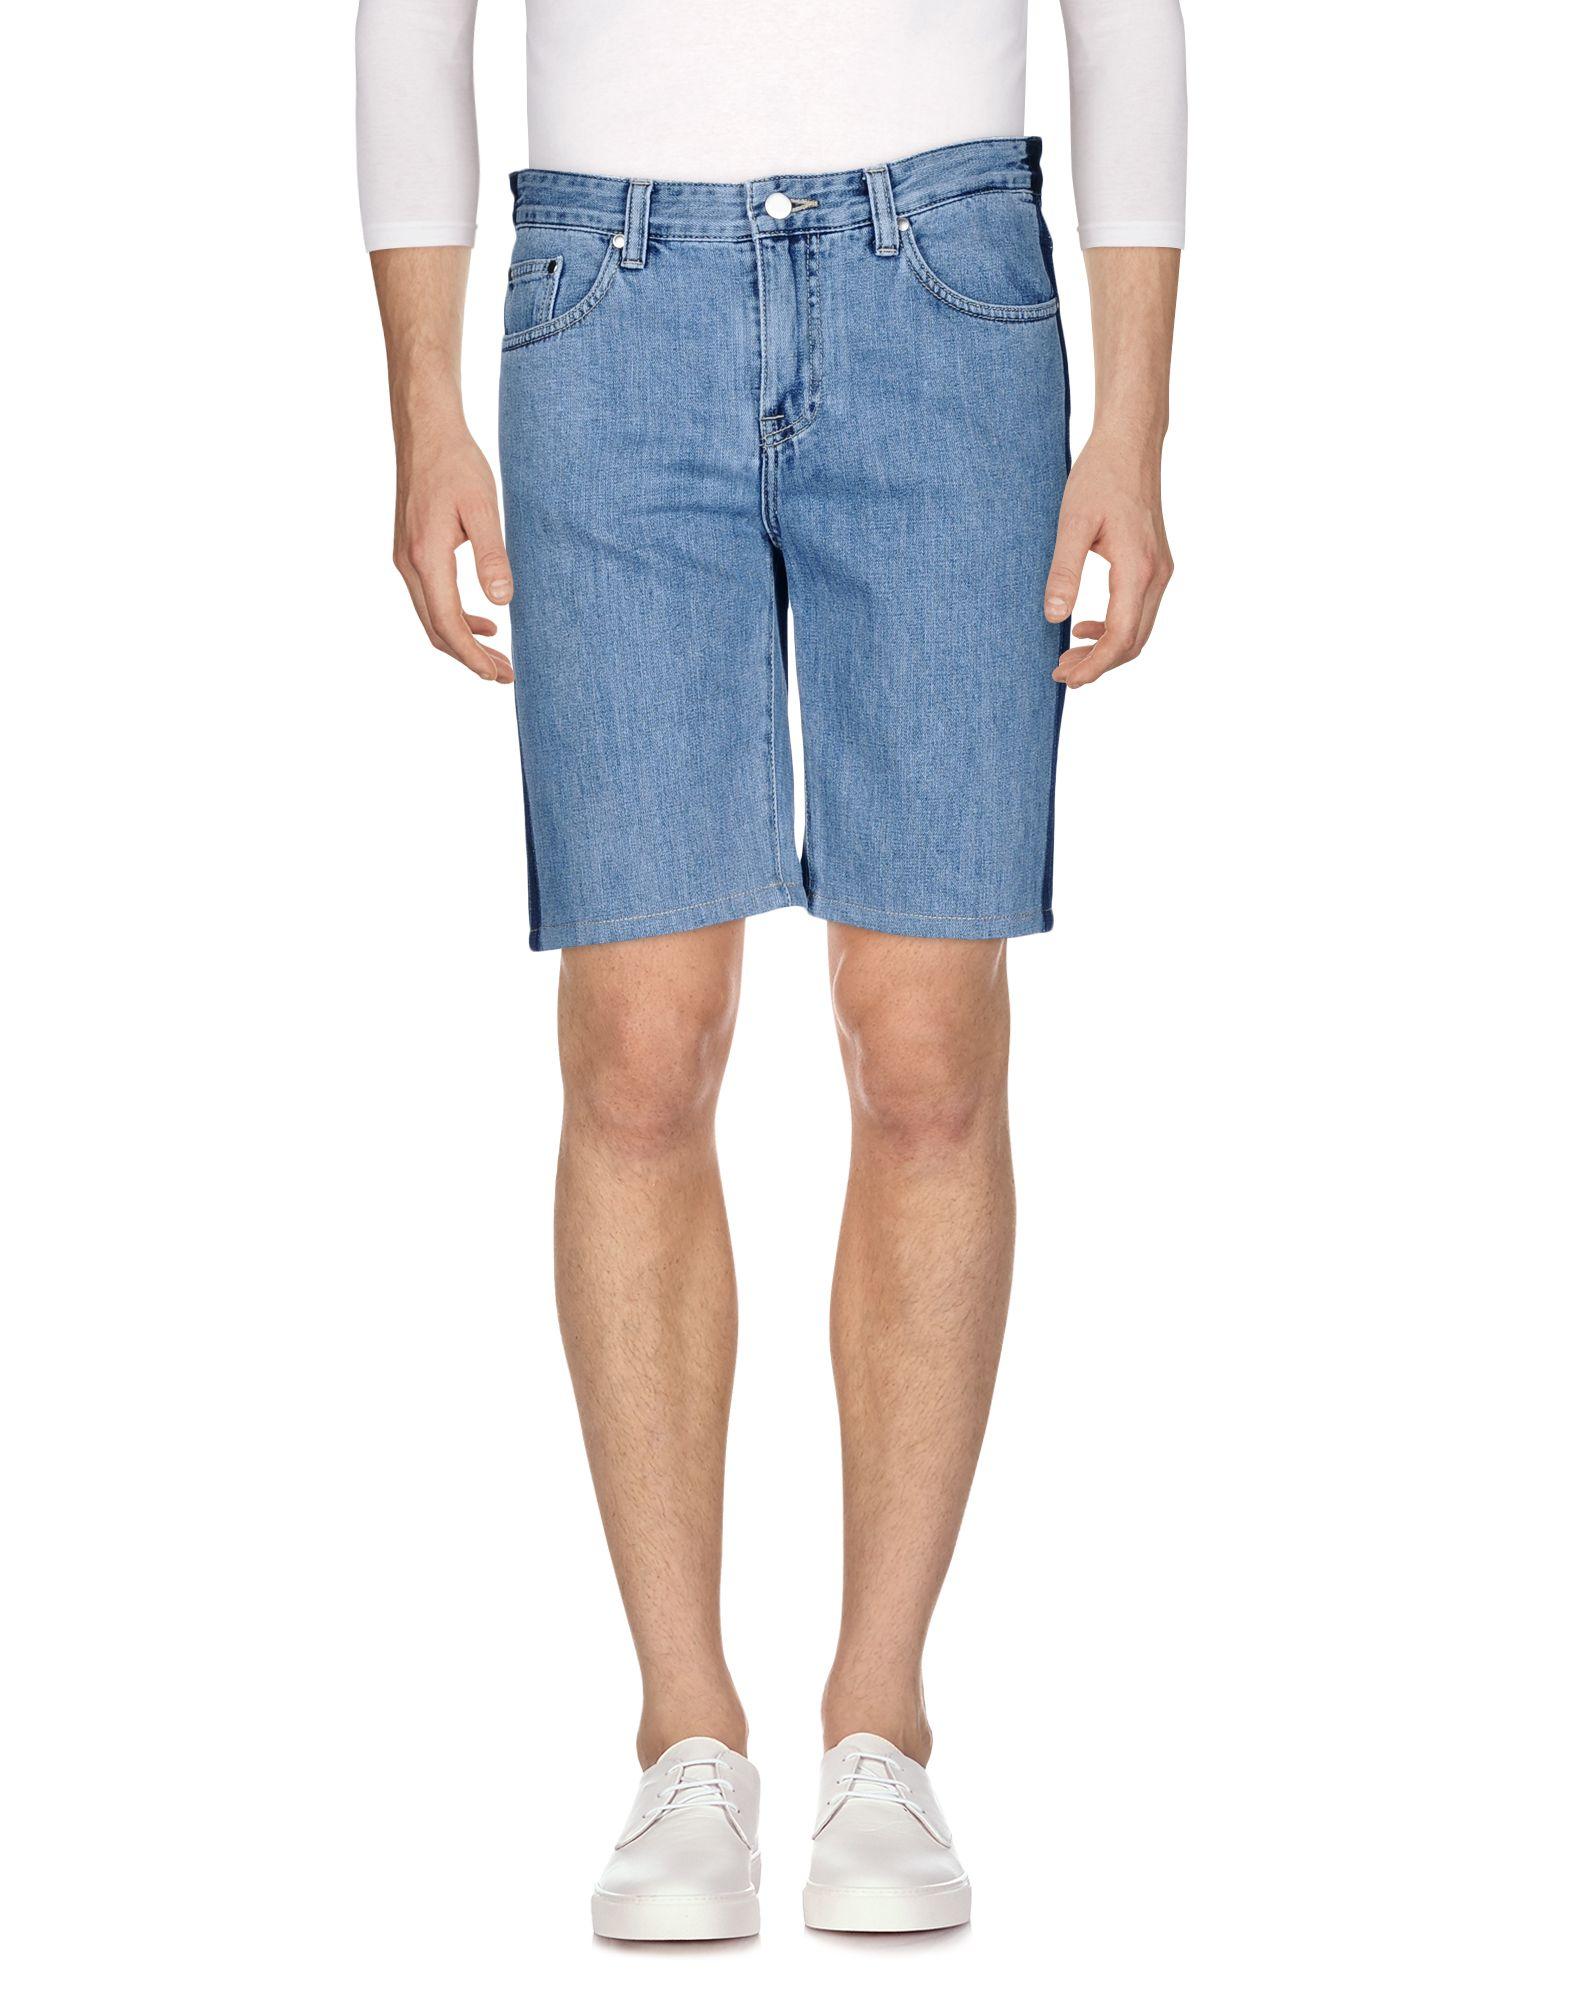 PLAC Джинсовые бермуды джинсовые бермуды quelle arizona 246735